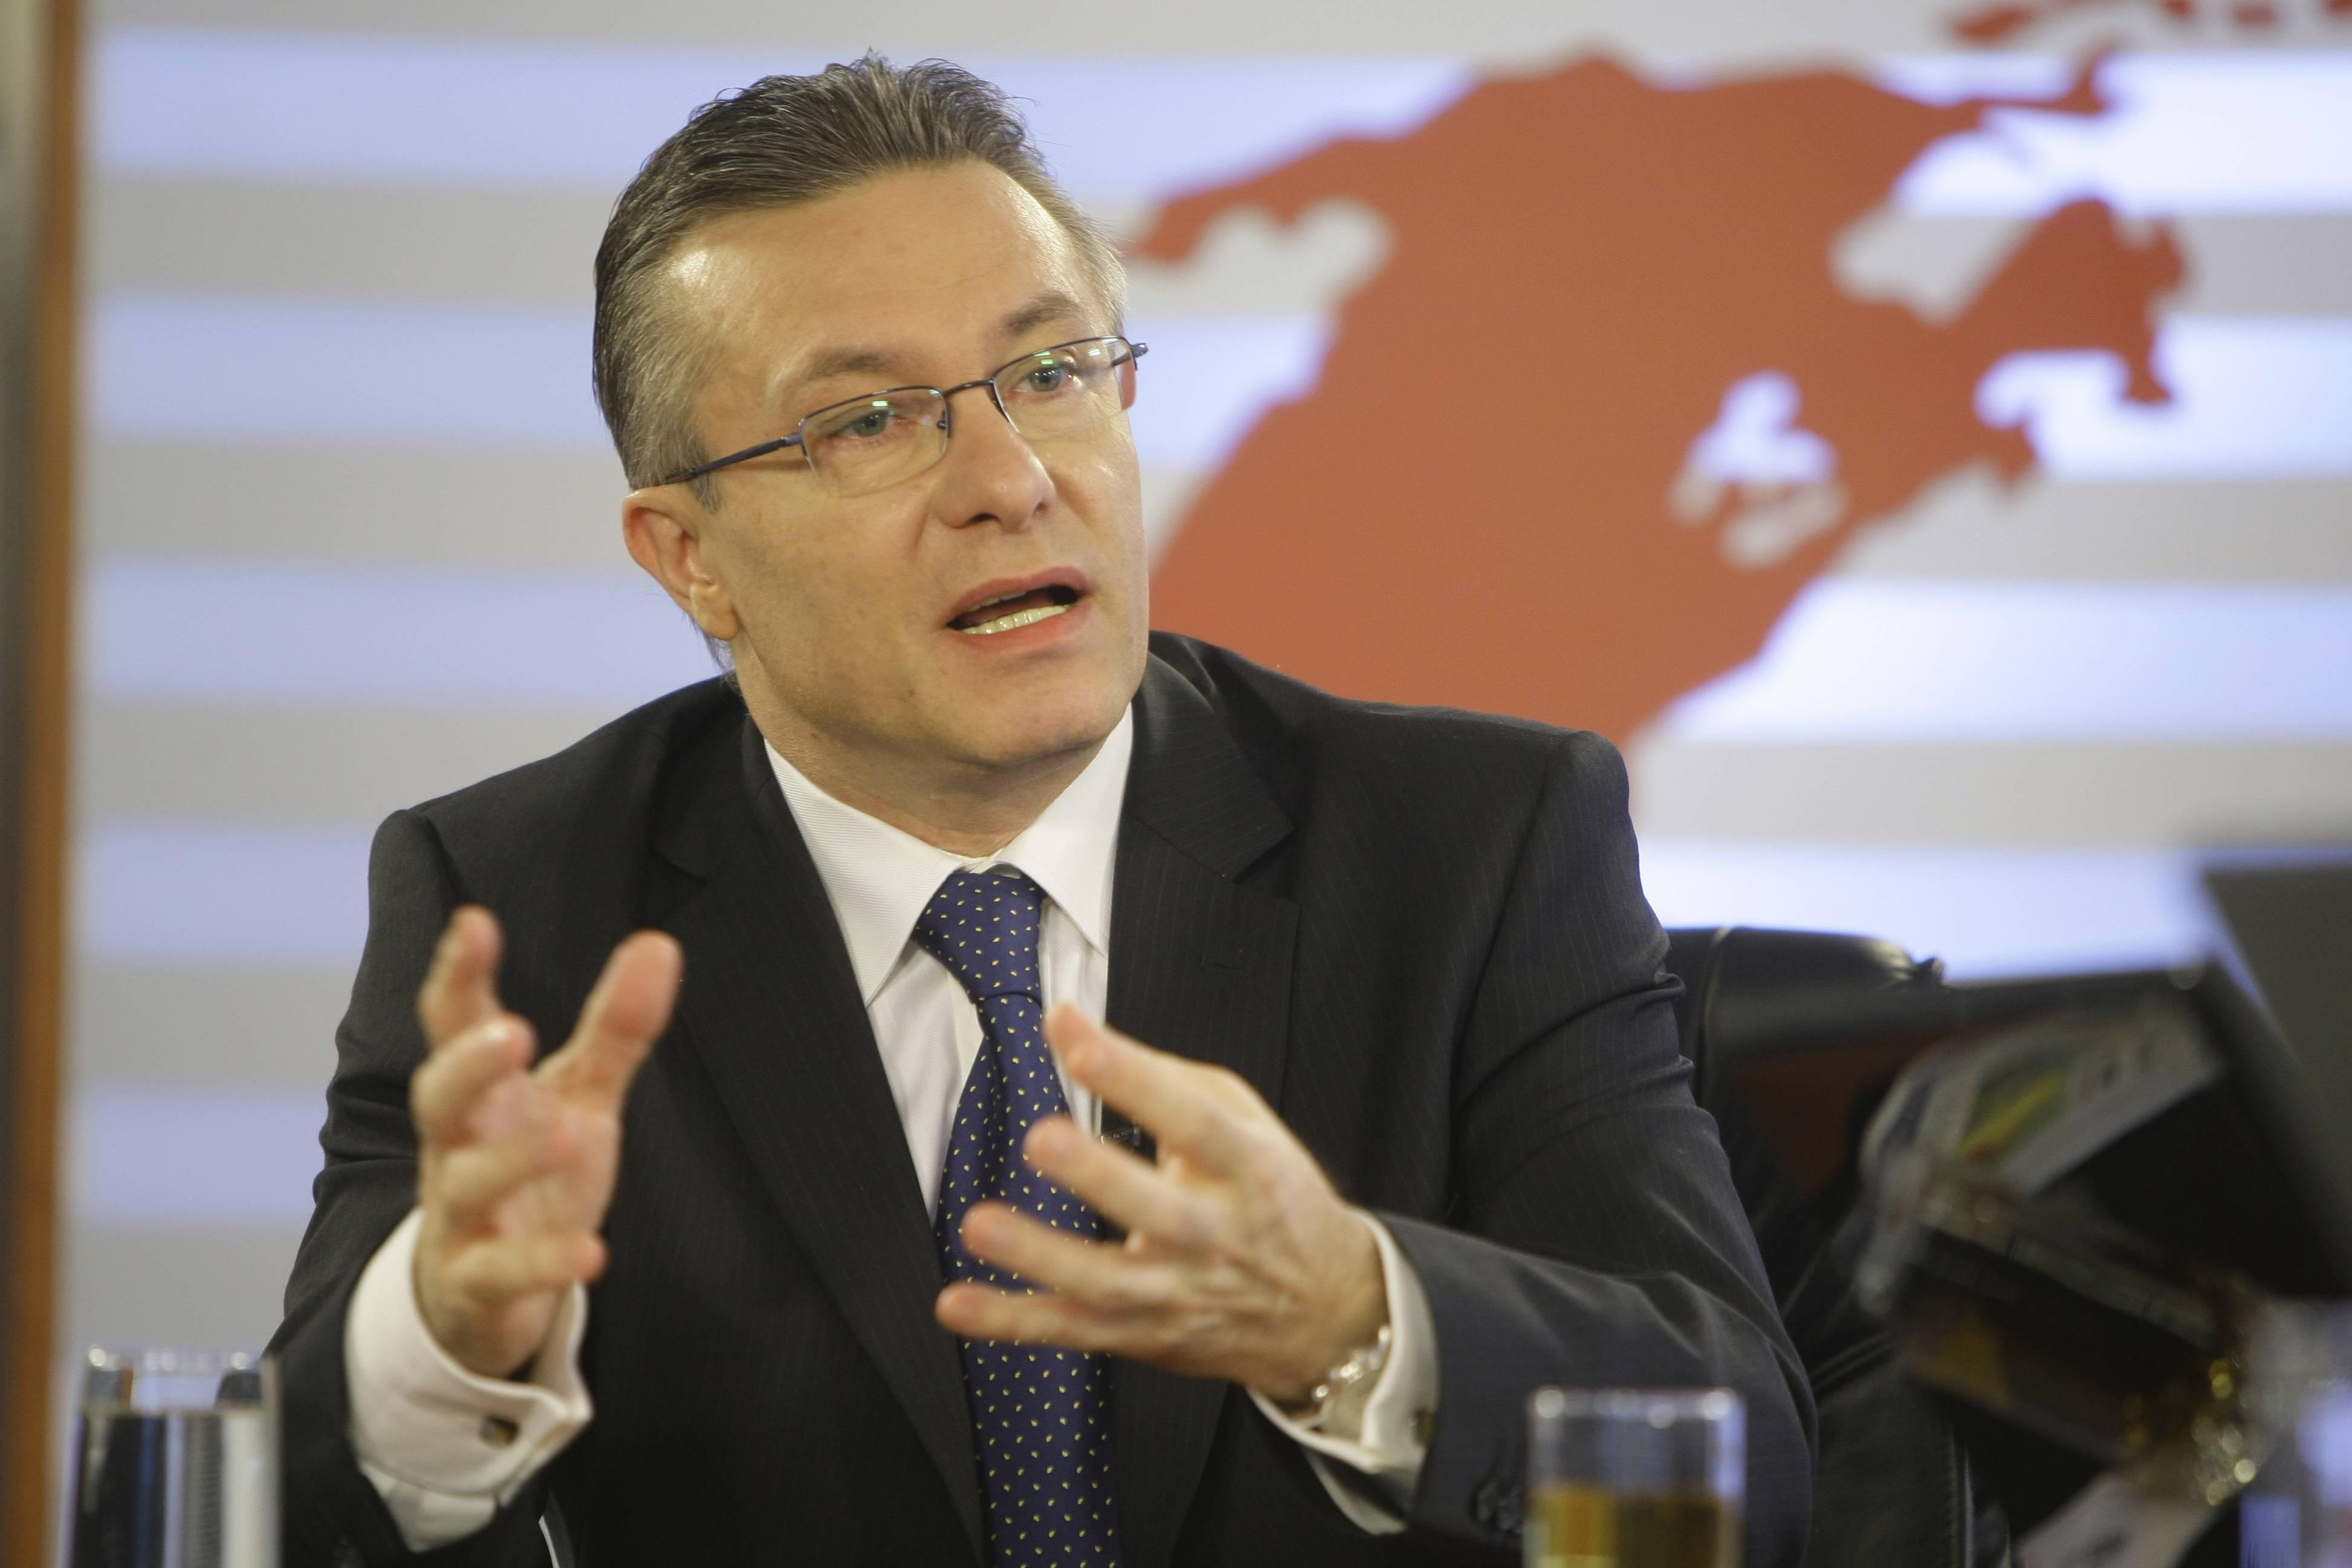 Cristian Diaconescu este de părere că asasinarea unui ambasador este o agresiune la adresa unui stat